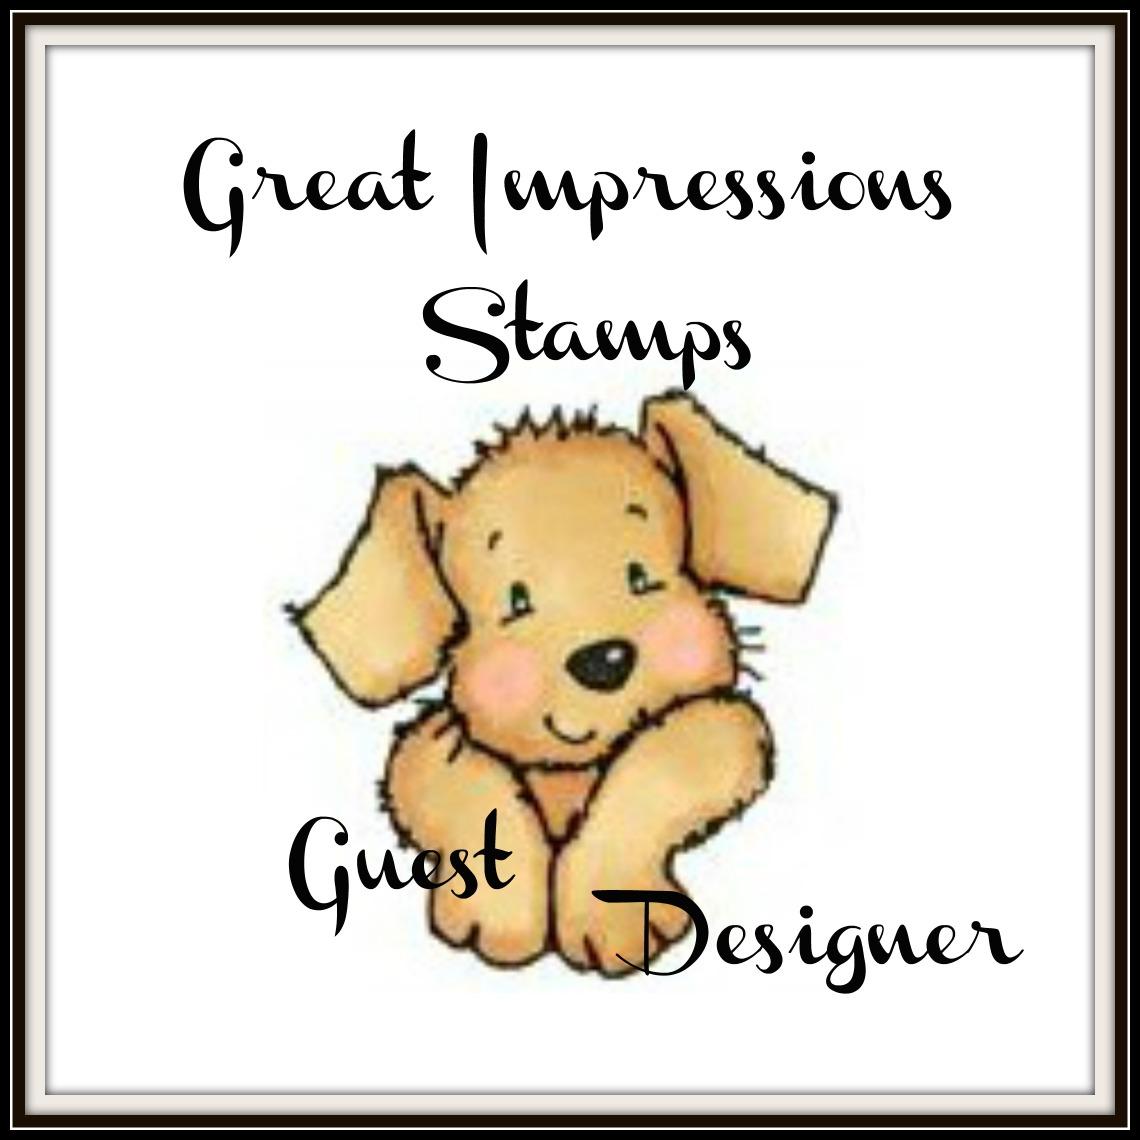 GI Guest Designer